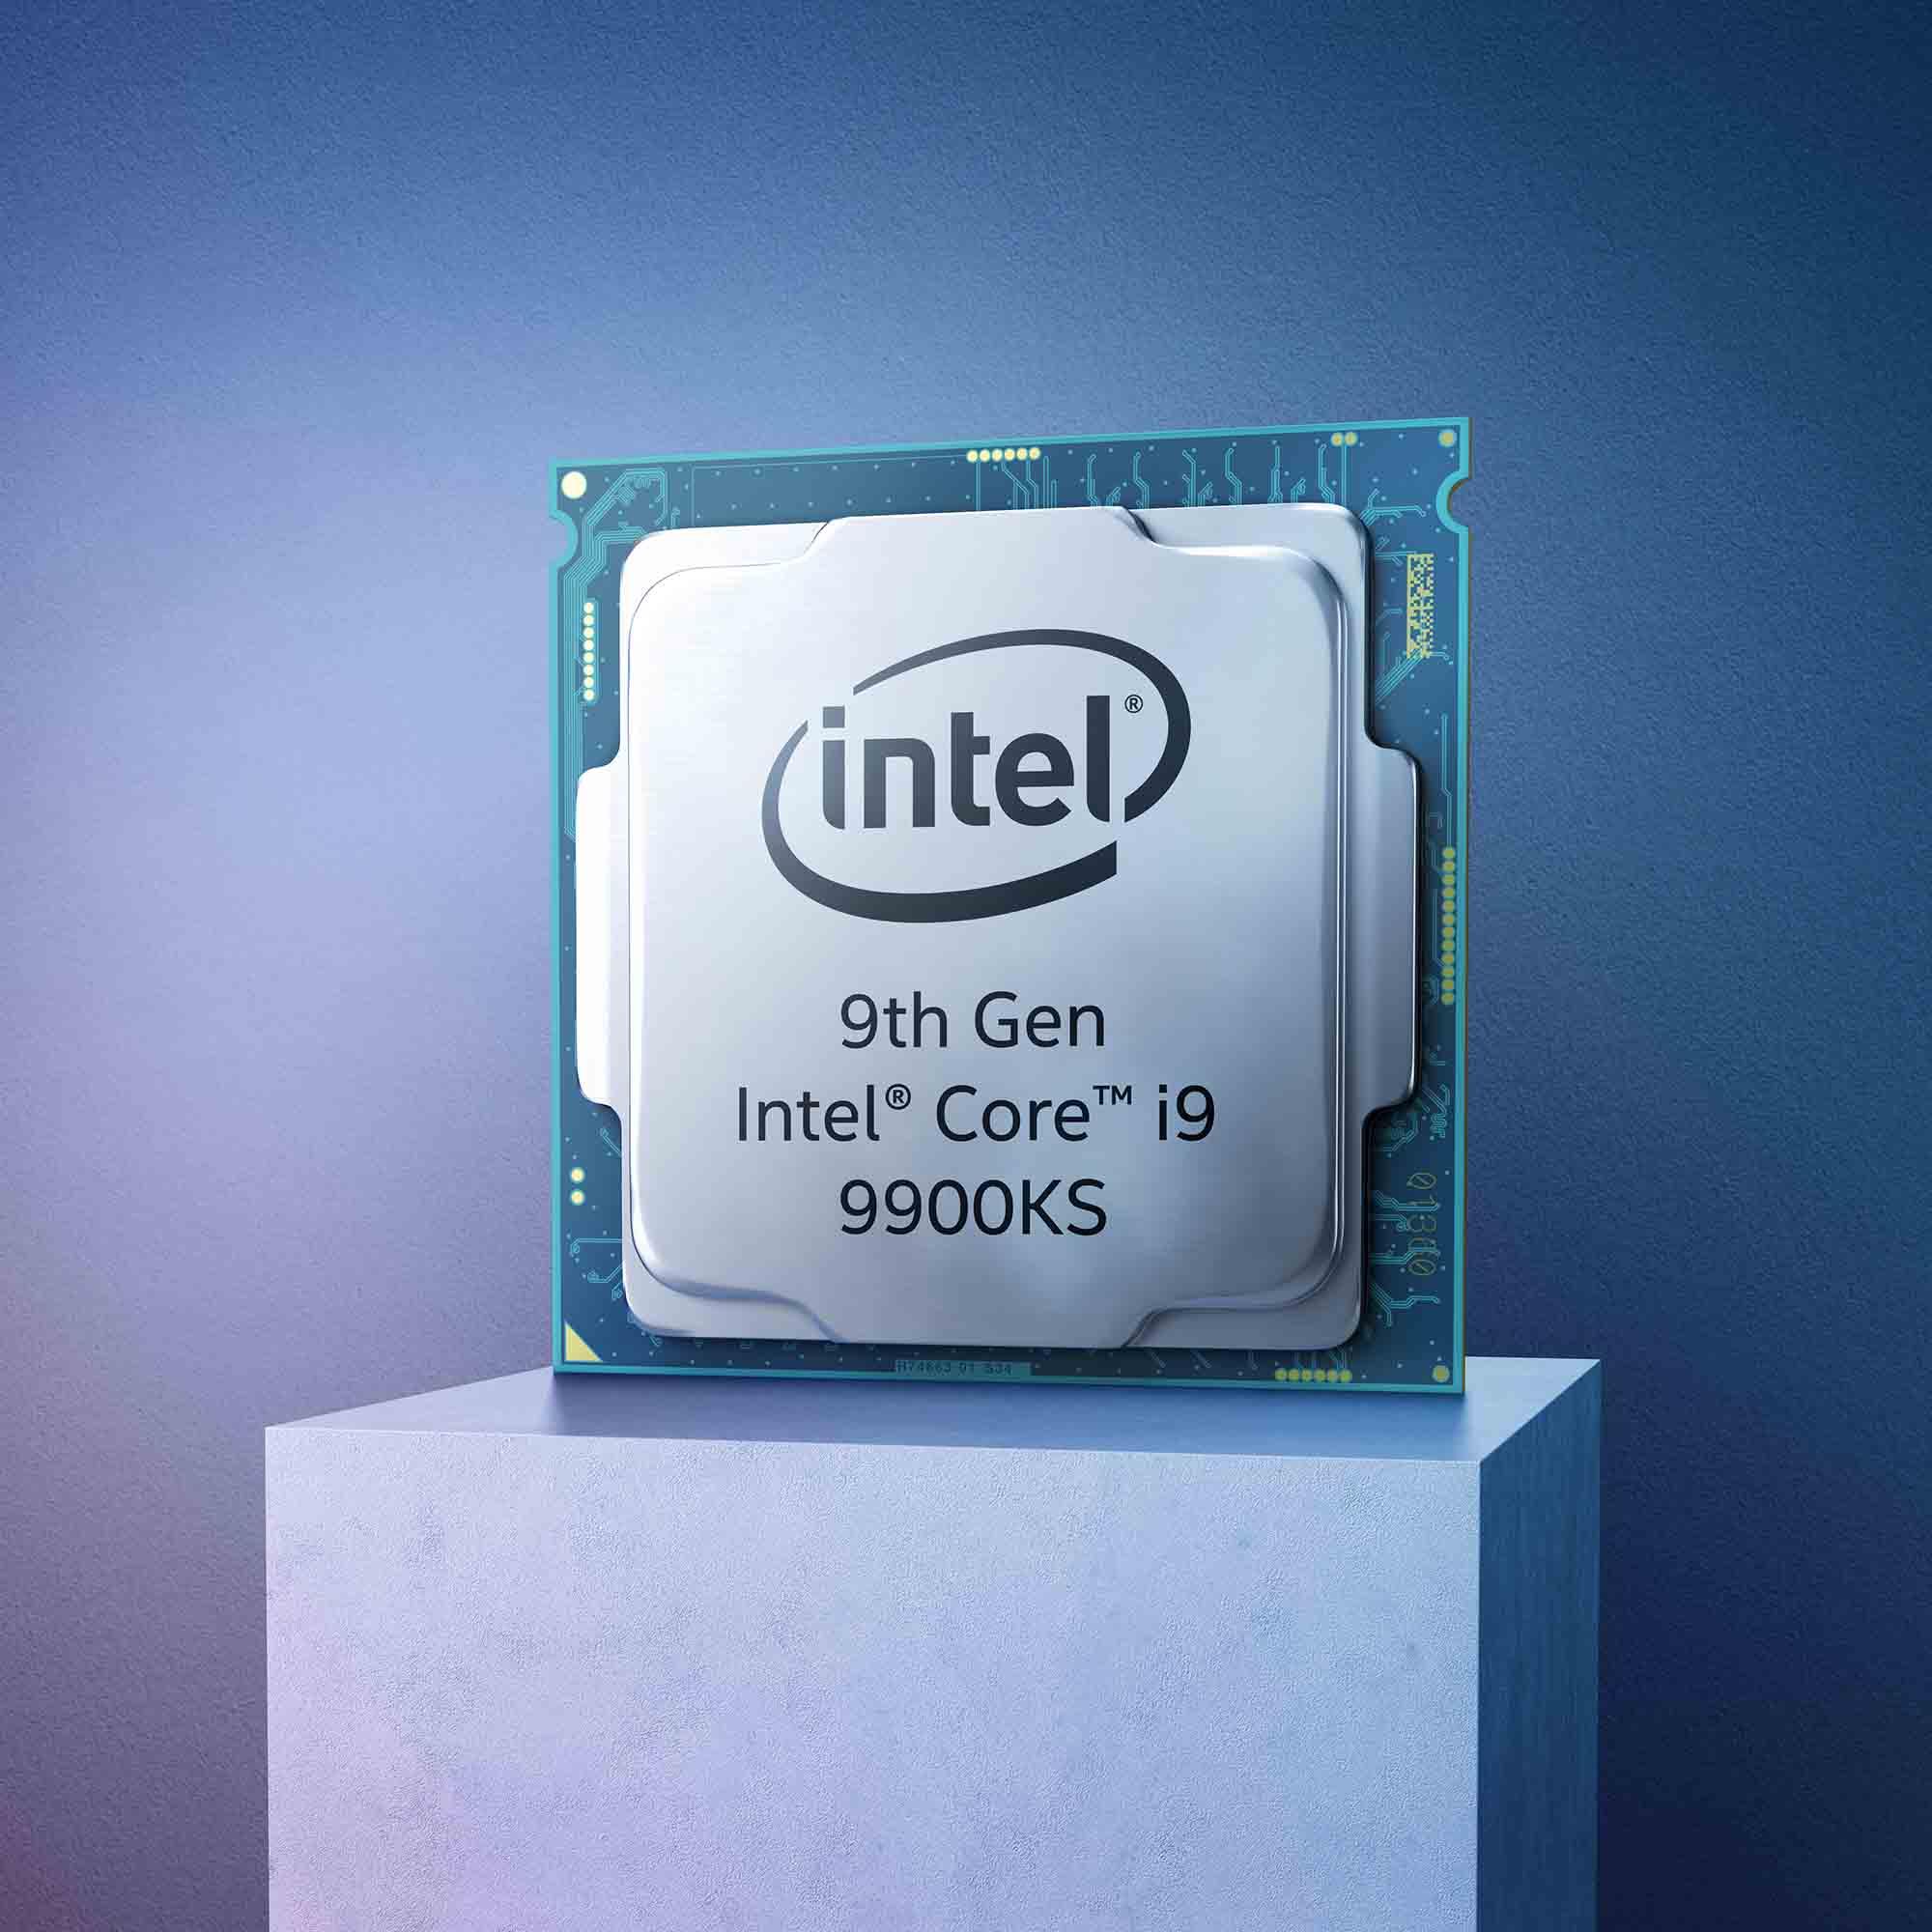 Intel i9-9900KS Special Edition